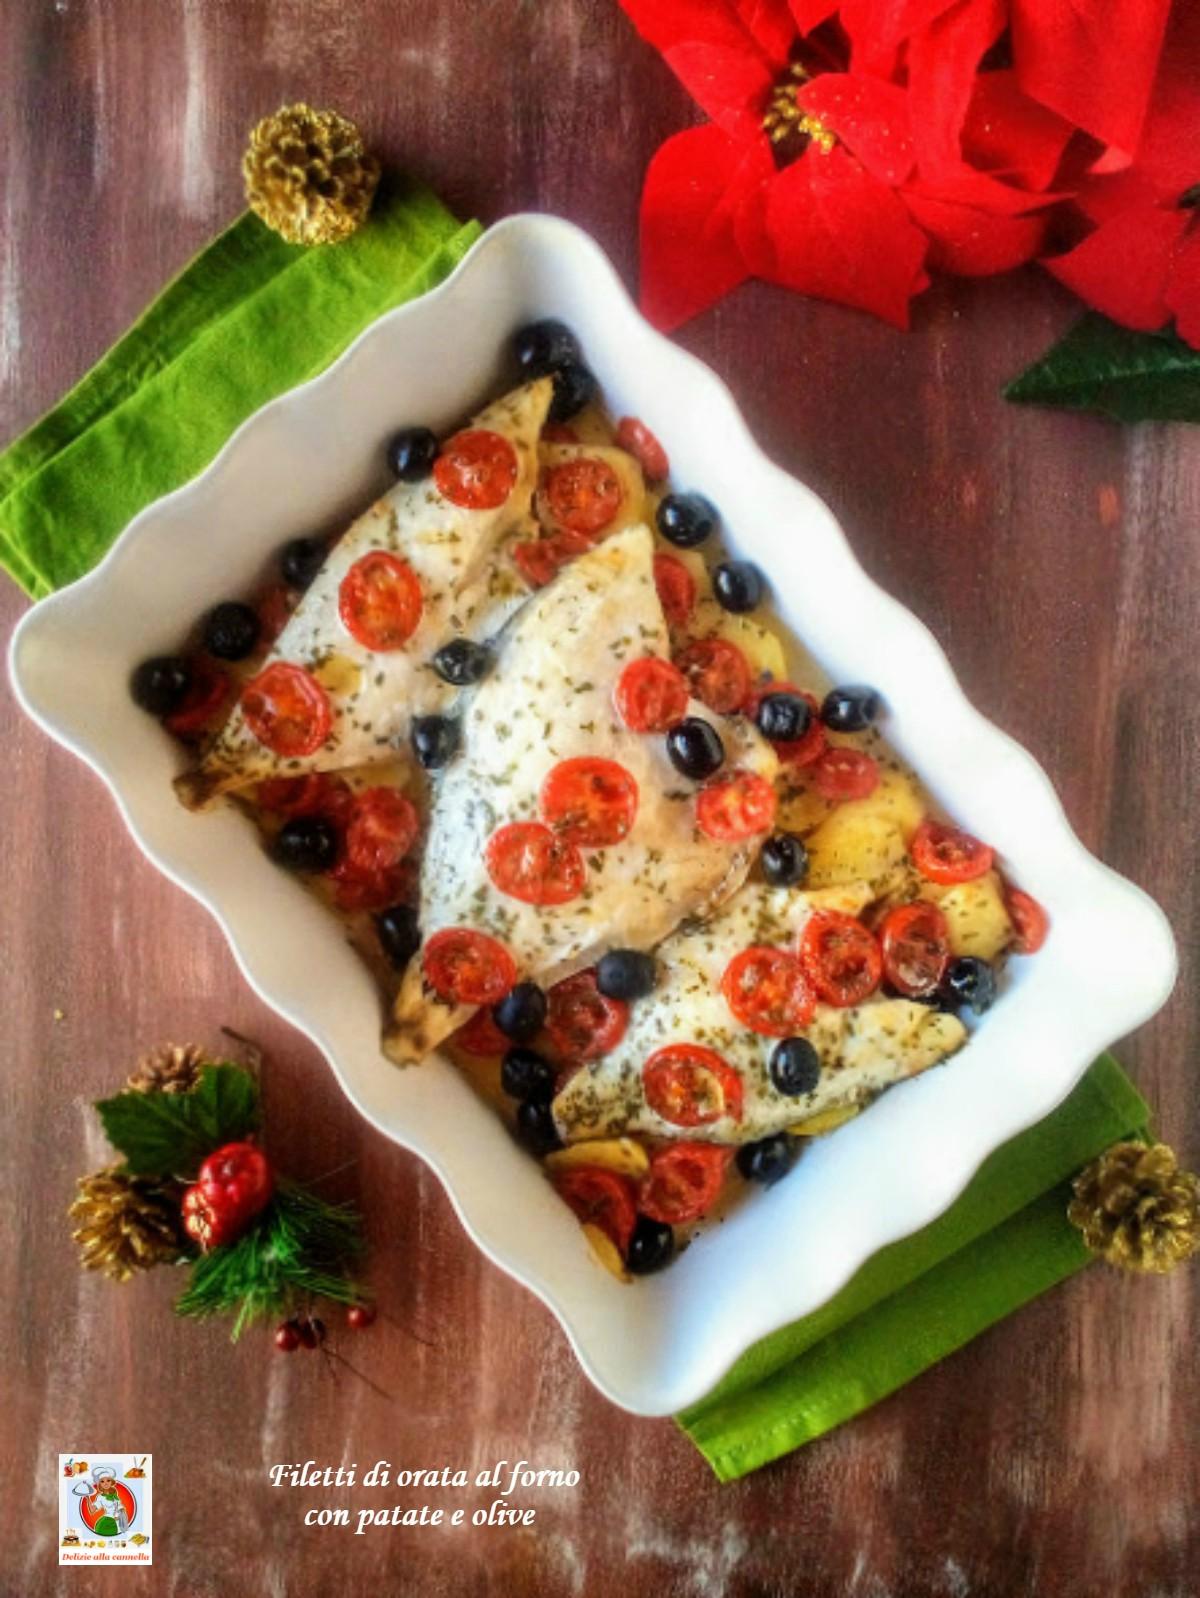 Ricetta Orata Surgelata.Filetti Di Orata Al Forno Con Patate E Olive Ricetta Secondo Di Mare